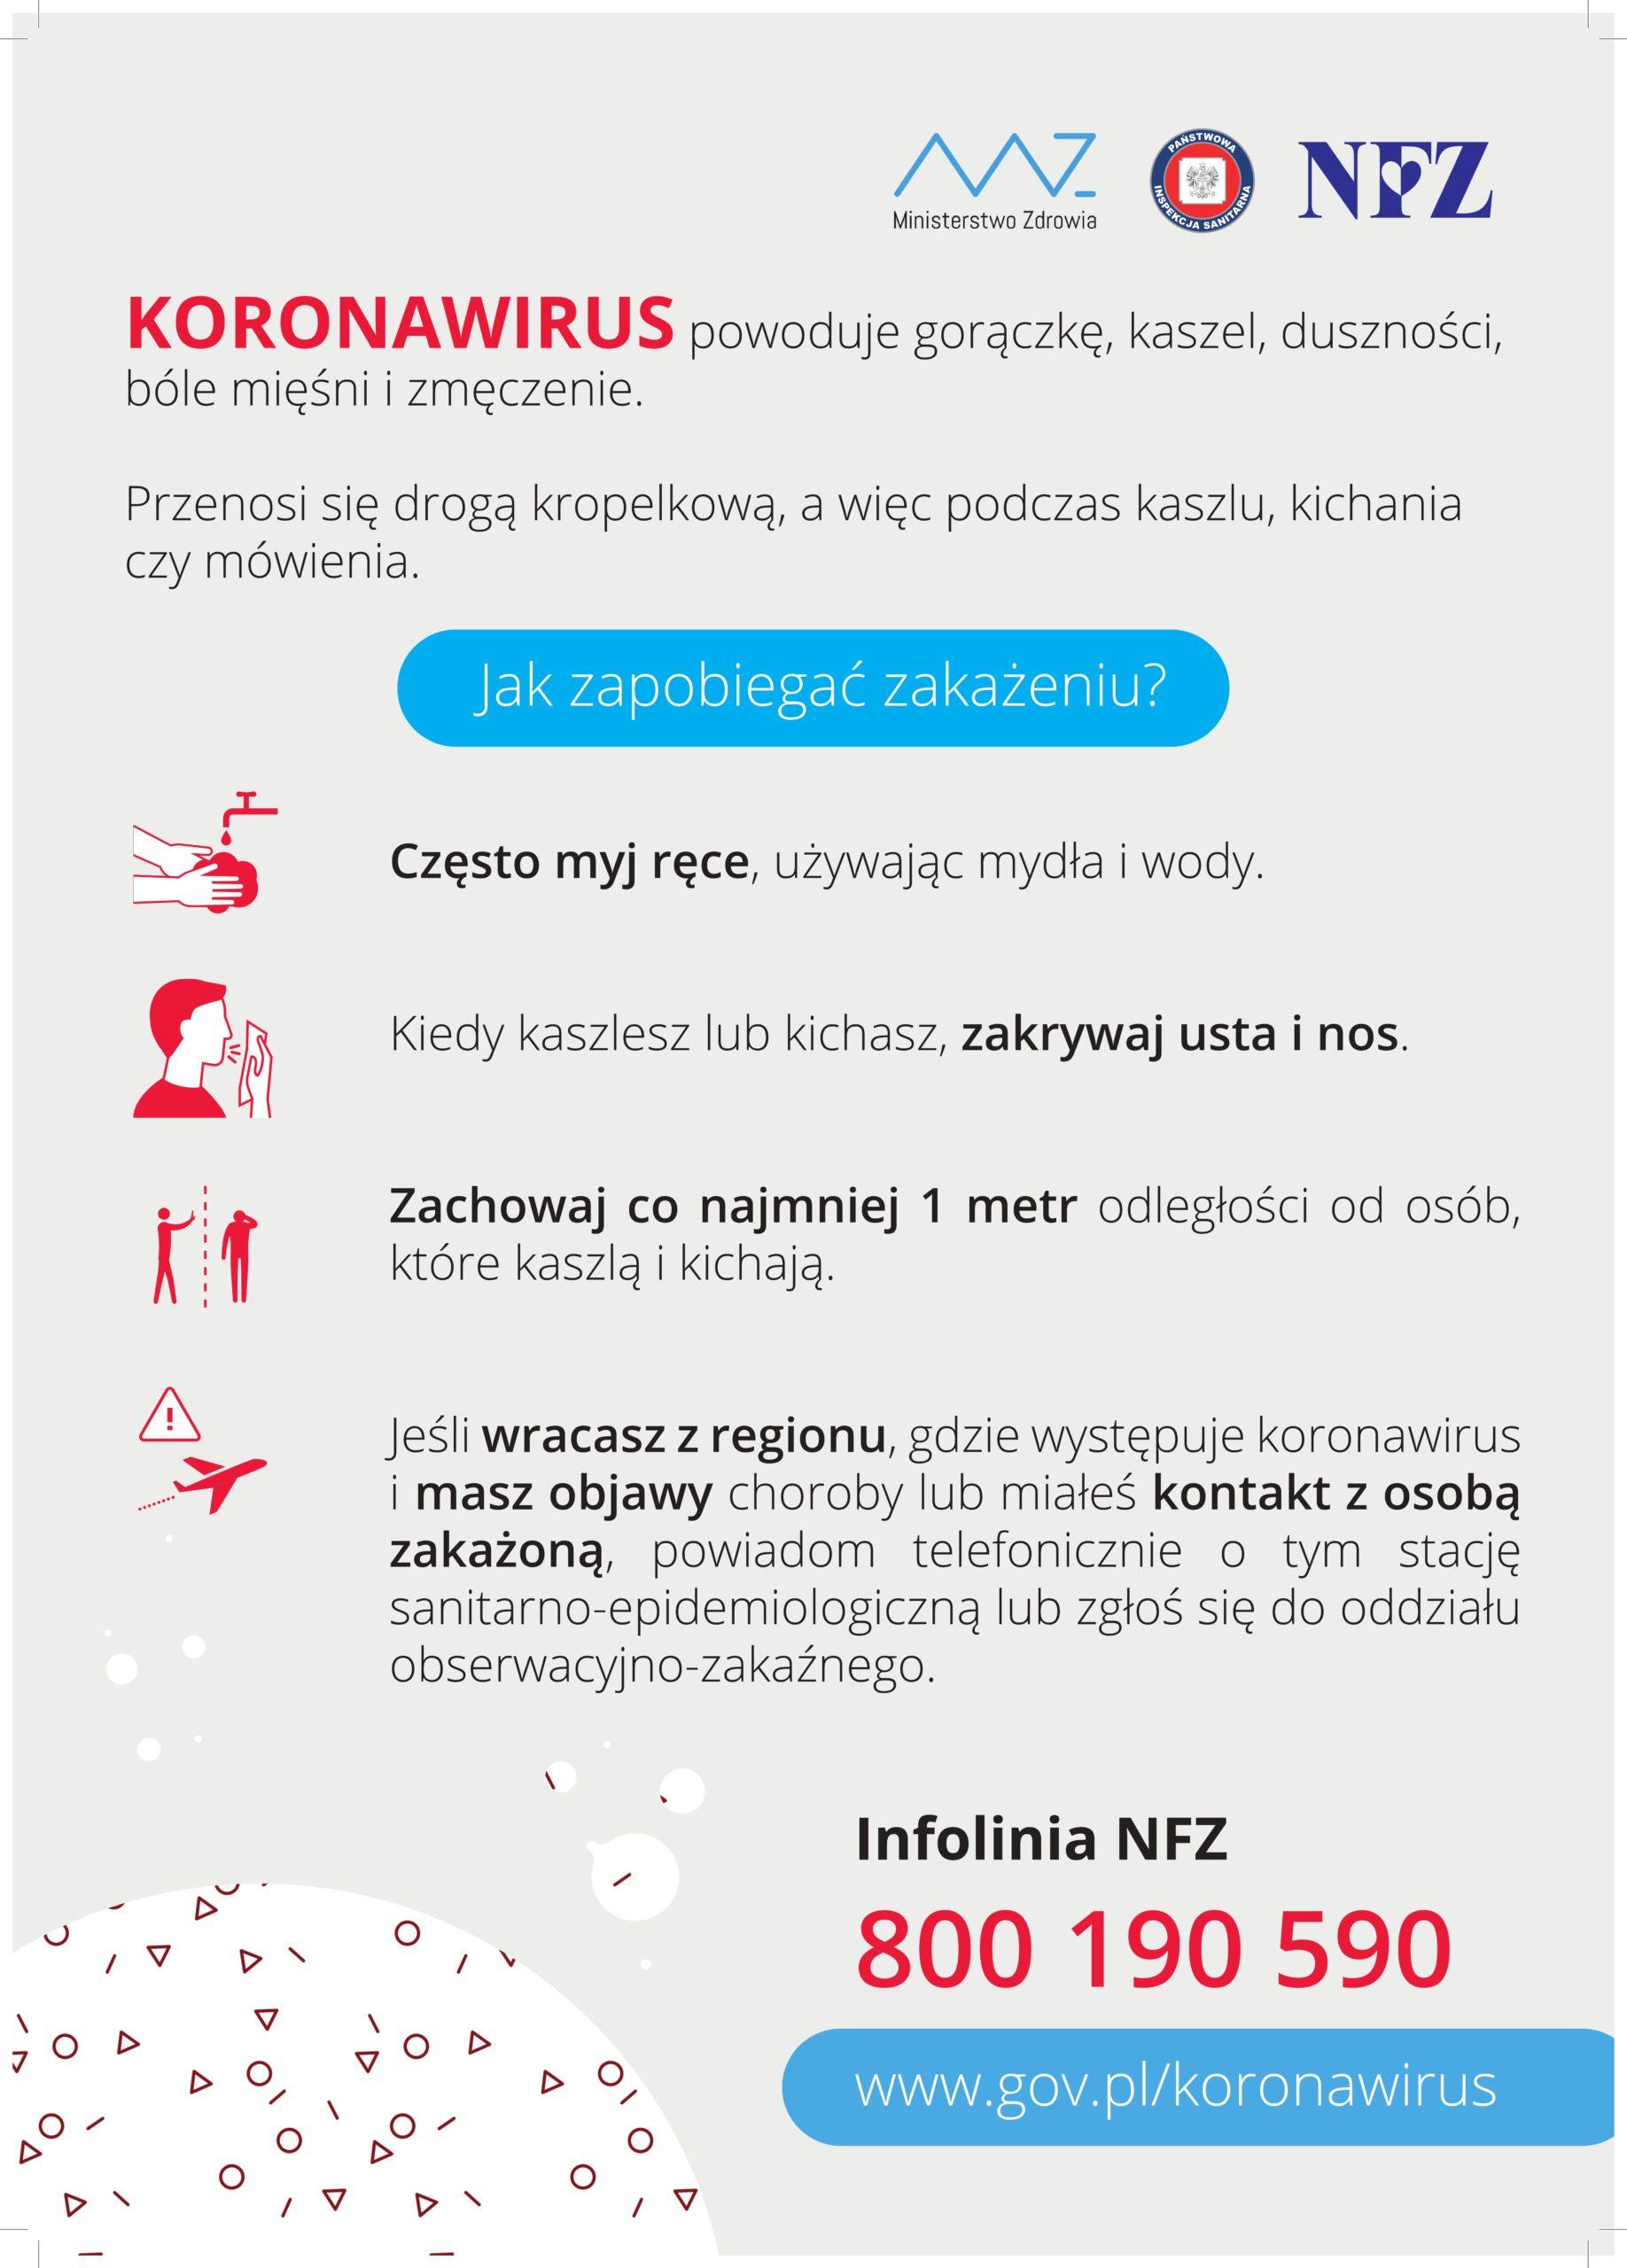 Plakat informacyjny dot. zapobiegania zakażeniem koronawirusem